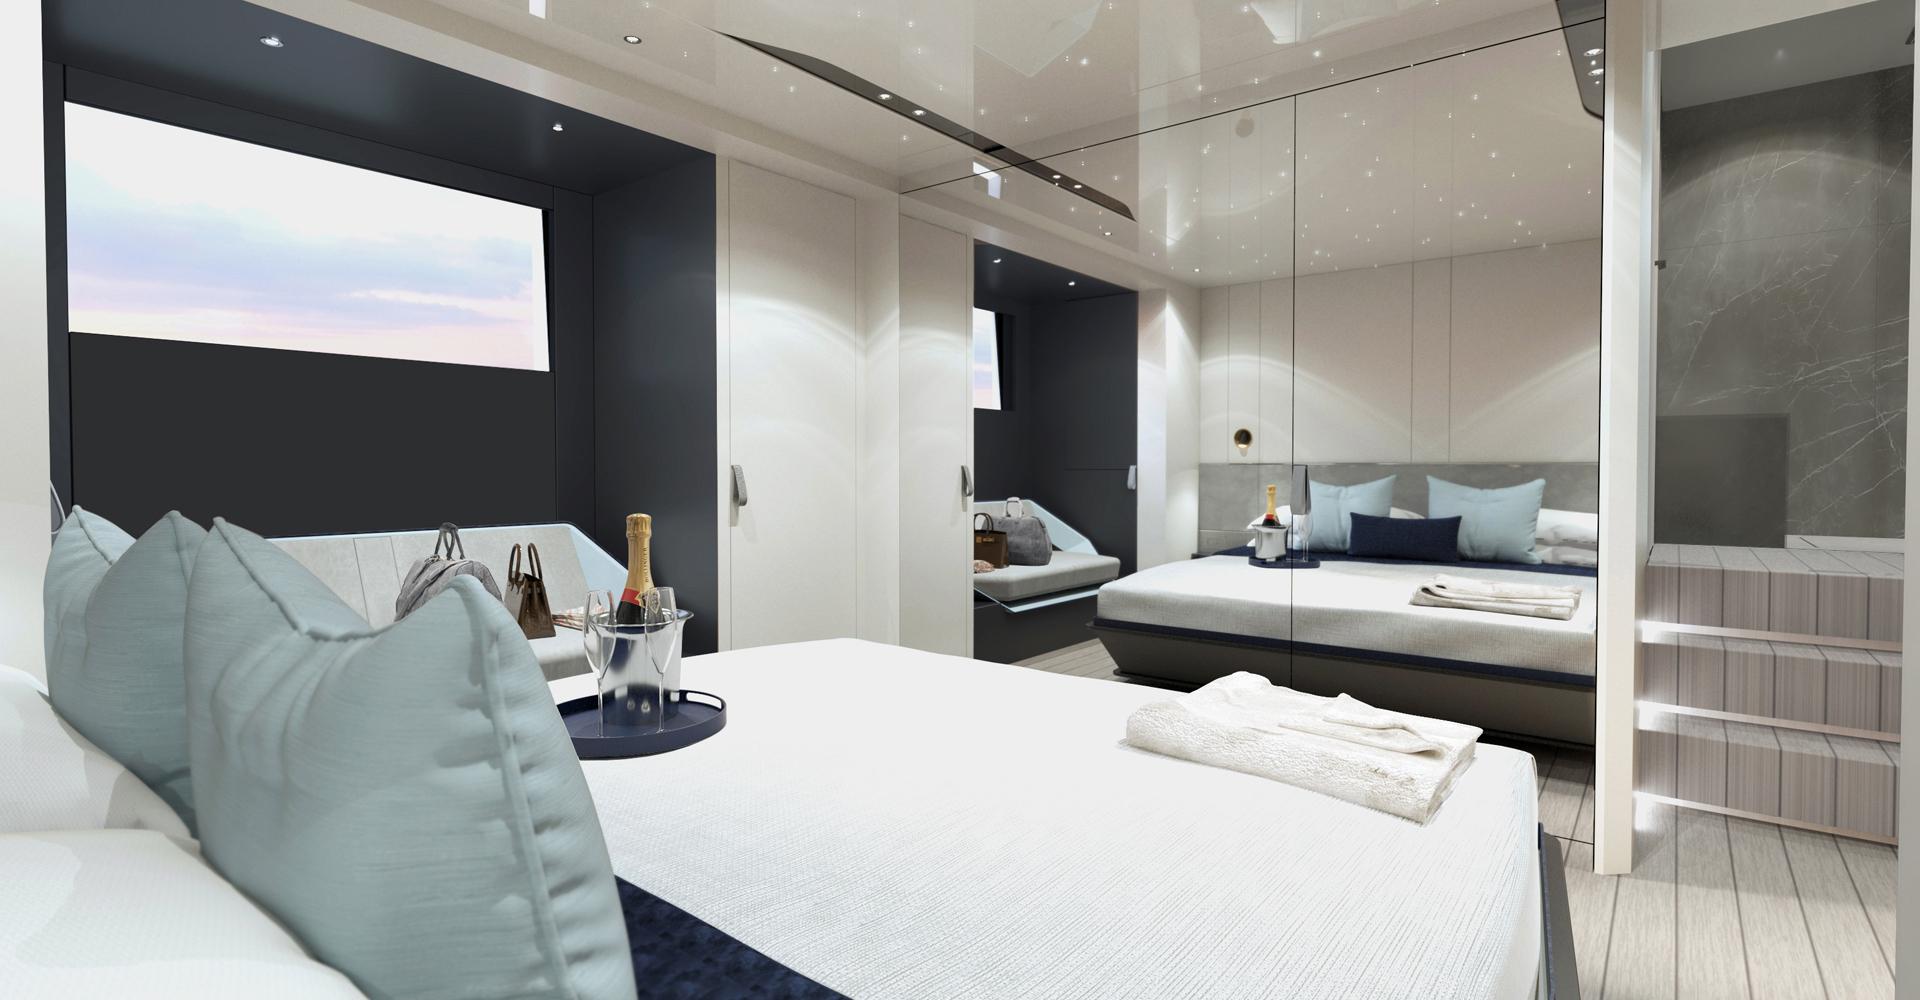 Vanquish master bedroom